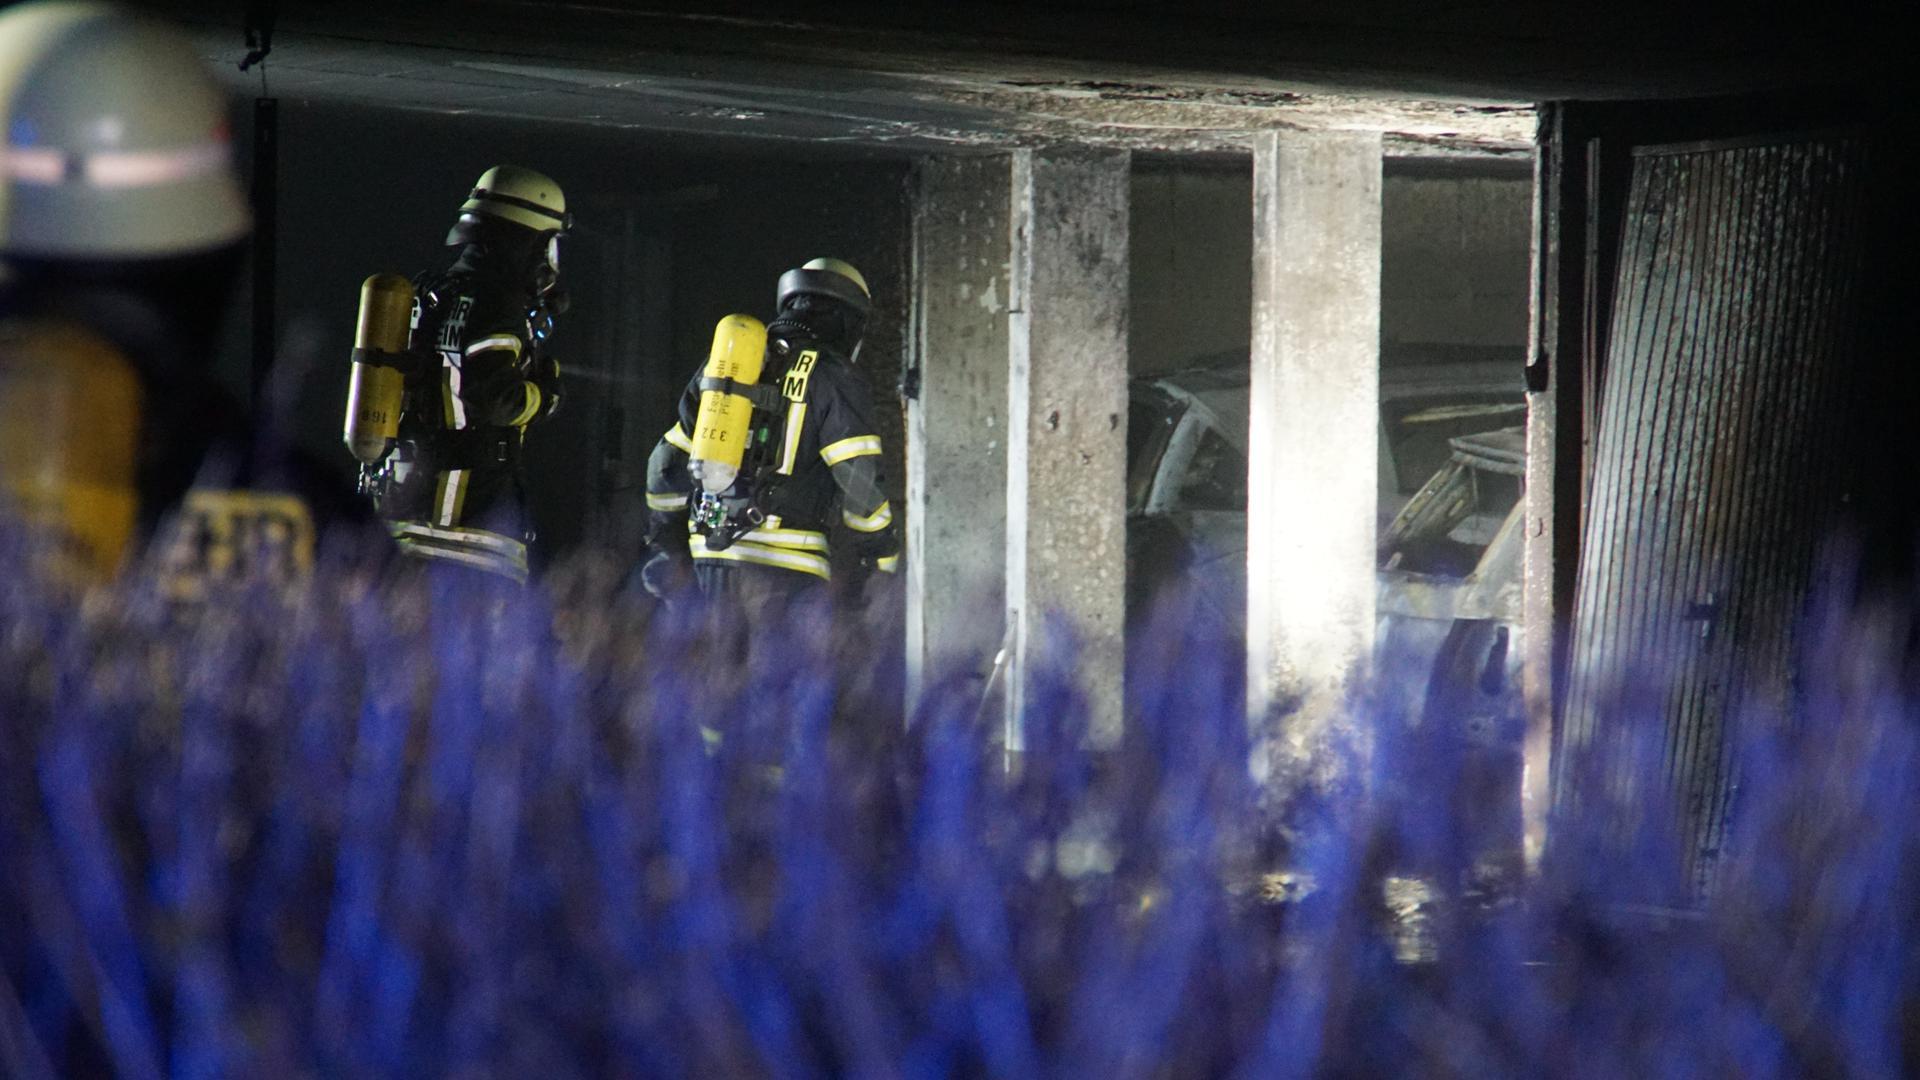 Feuerwehrleute gehen in die verrußte Tiefgarage, in der drei Autos bei einem Brand zerstört wurden.